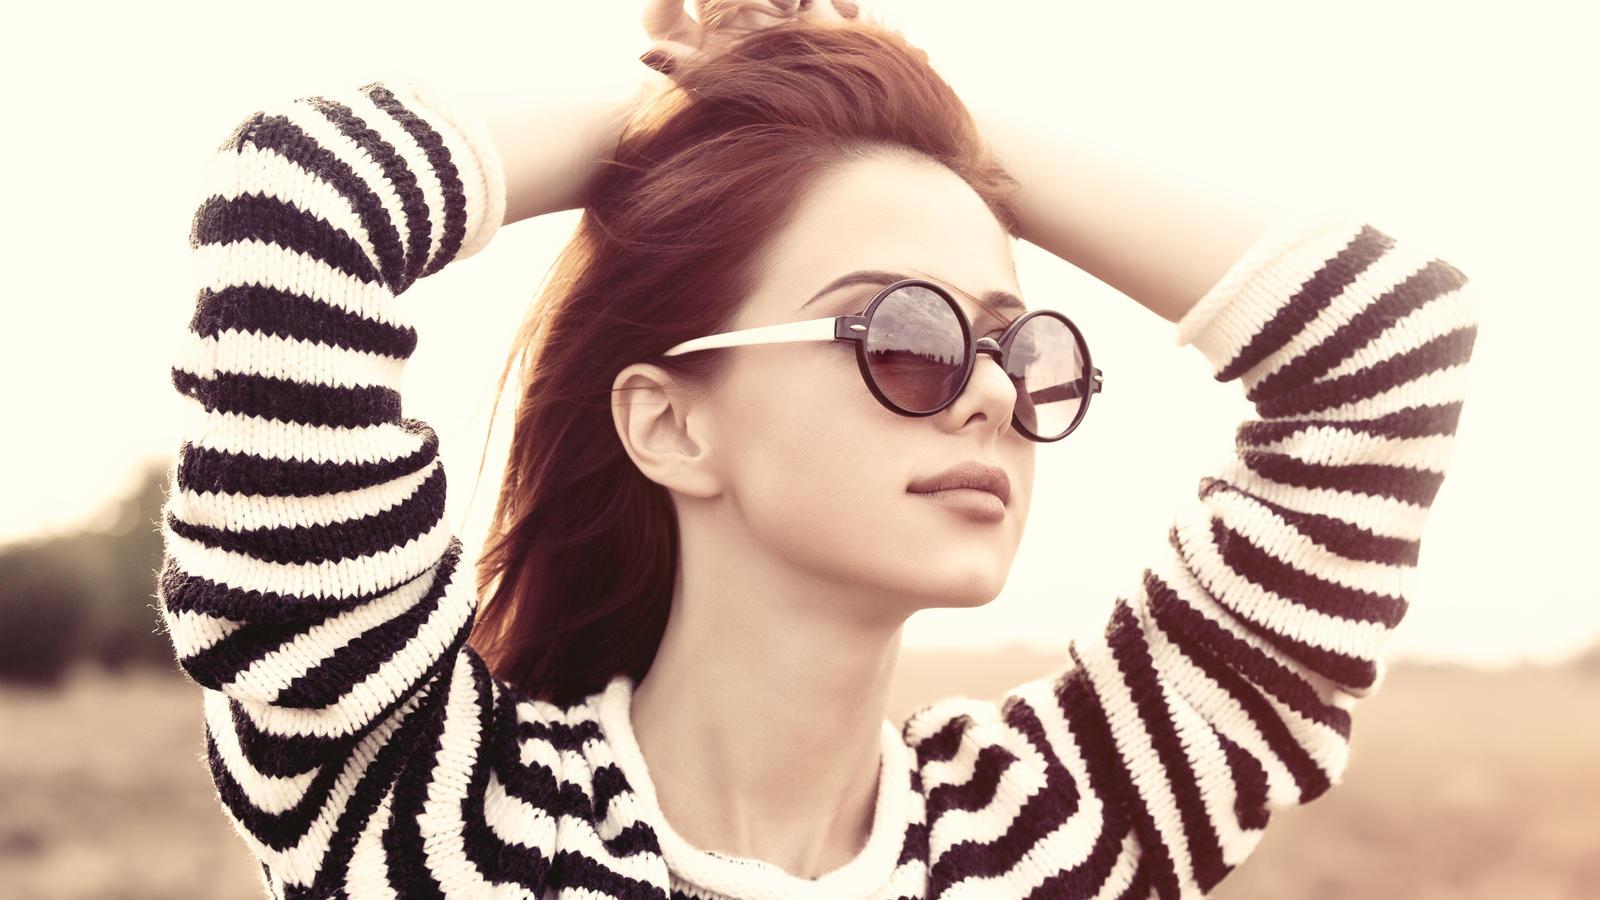 Die Sonnenbrille sollte cool aussehen und die Augen schützen.